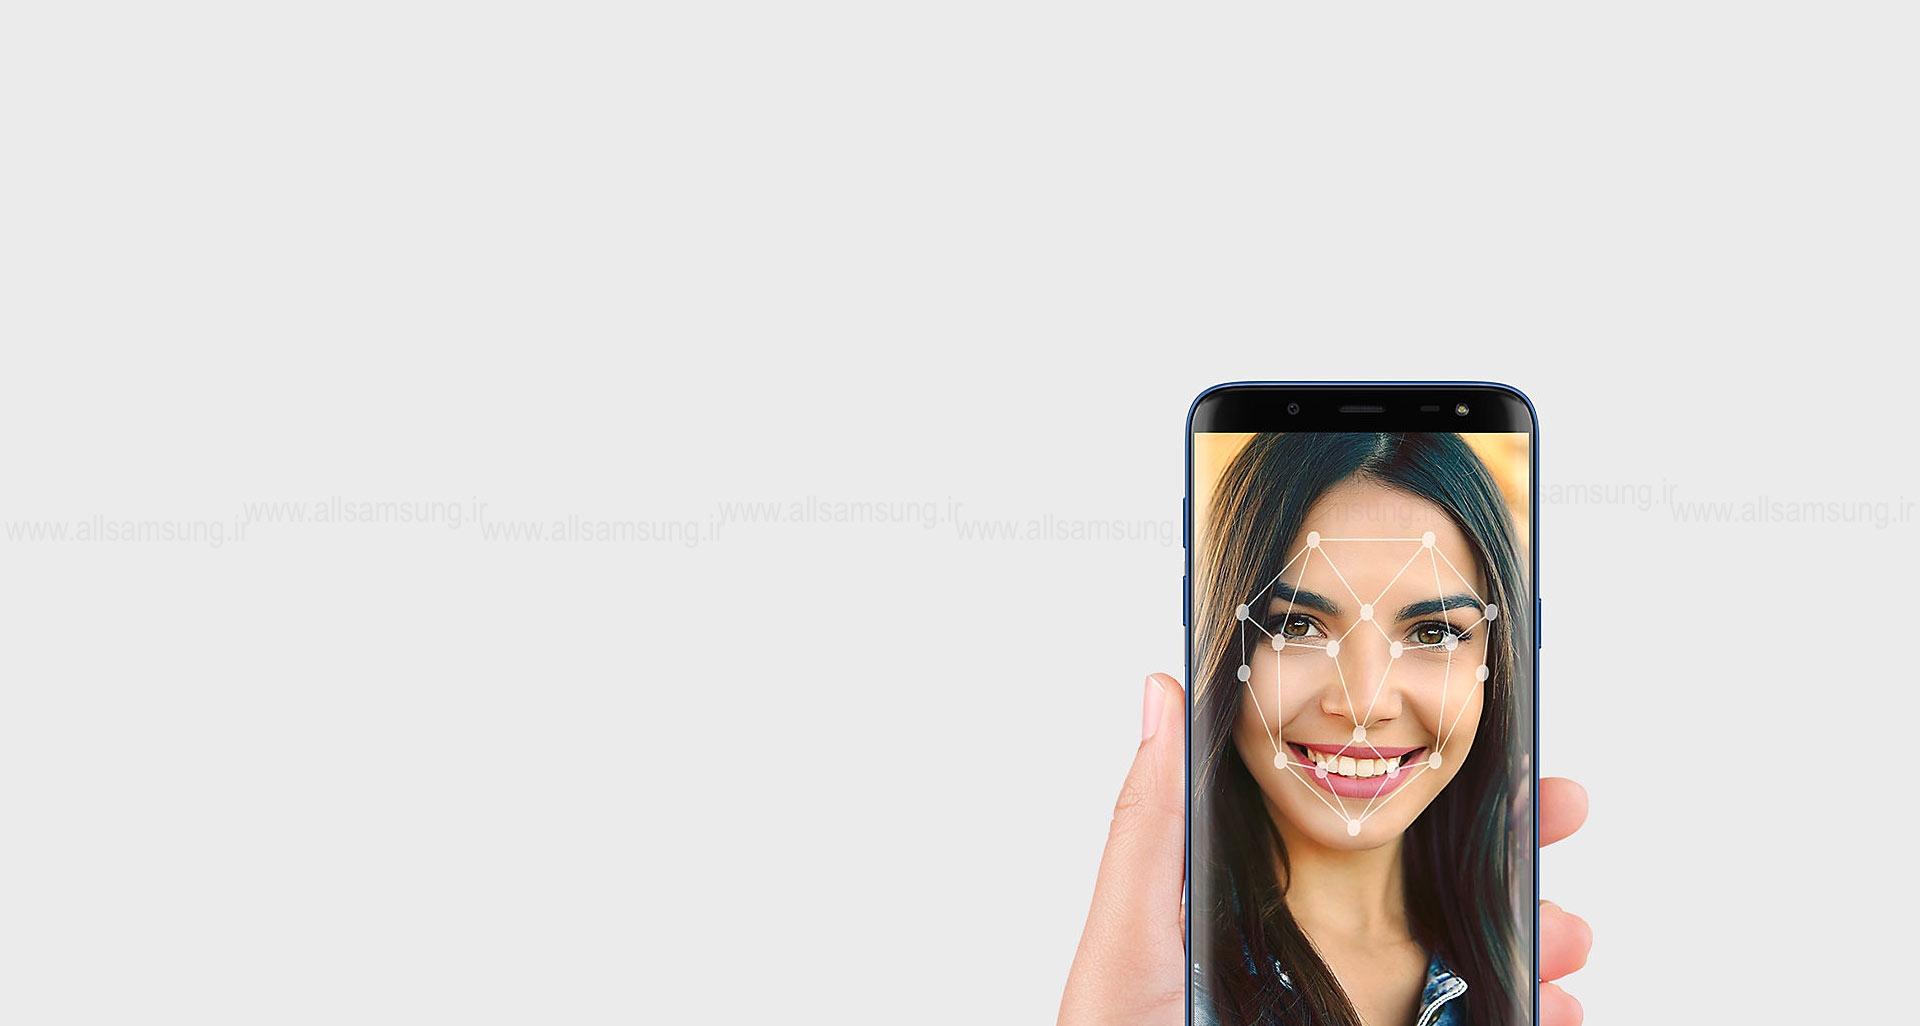 احراز هویت پیشرفته گوشی گلکسی جی 6 با تشخیص چهره